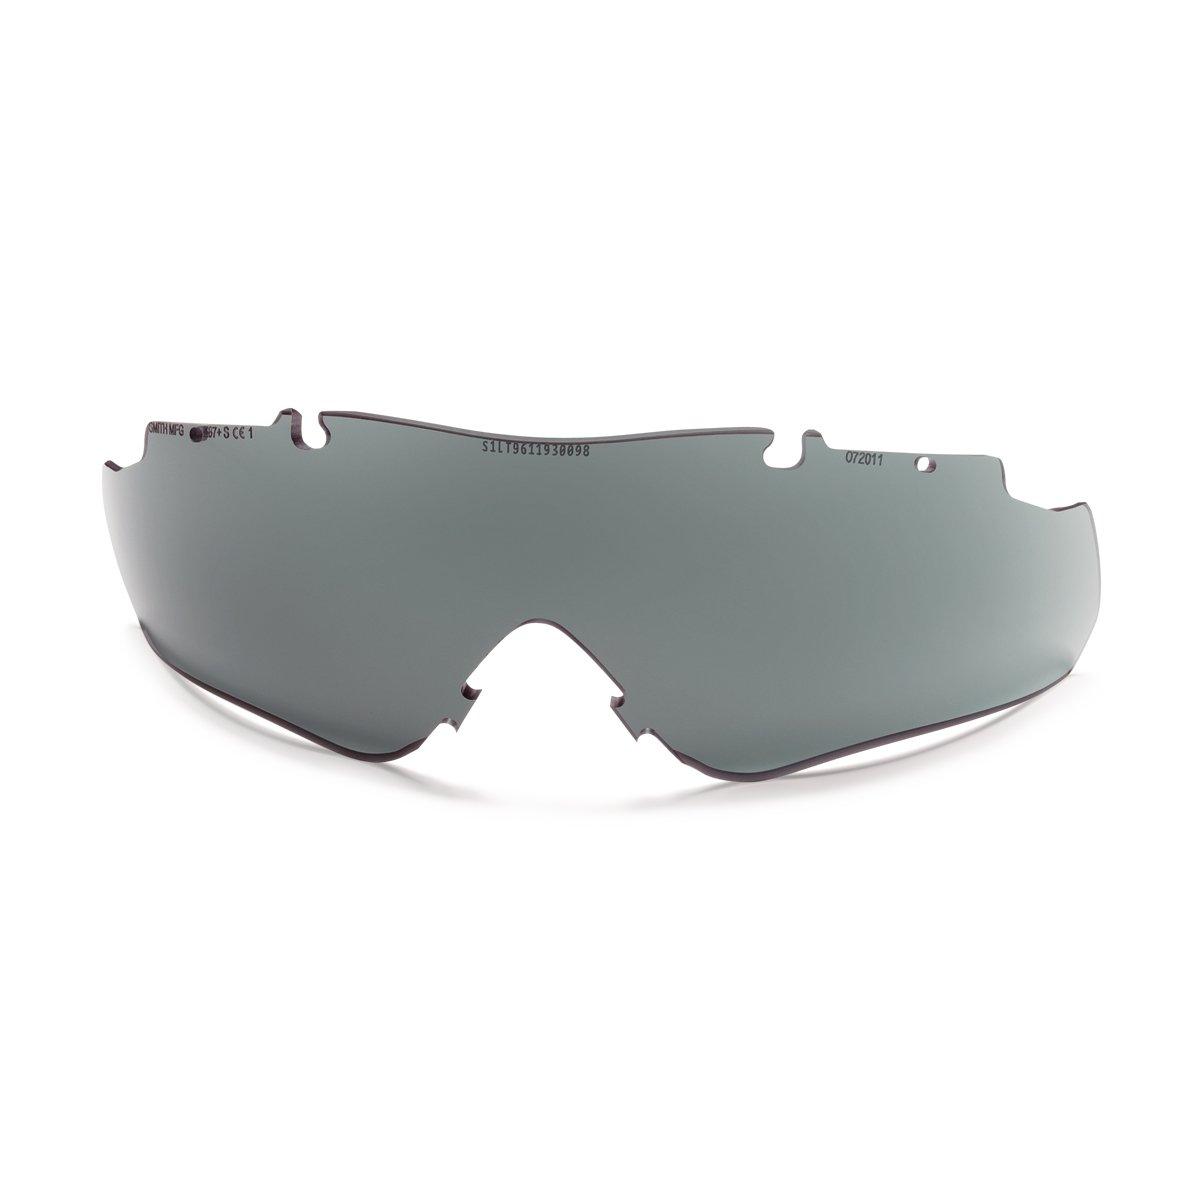 激安価格の Smith Optics 2015 Aegis Arc /エコー/ Echo II Elite Tactical Eyeshield Replacement Lens – パックof 50 B0030OVN18 Gray Lens Pack of 50, 酒 焼酎の風 bb5c2000